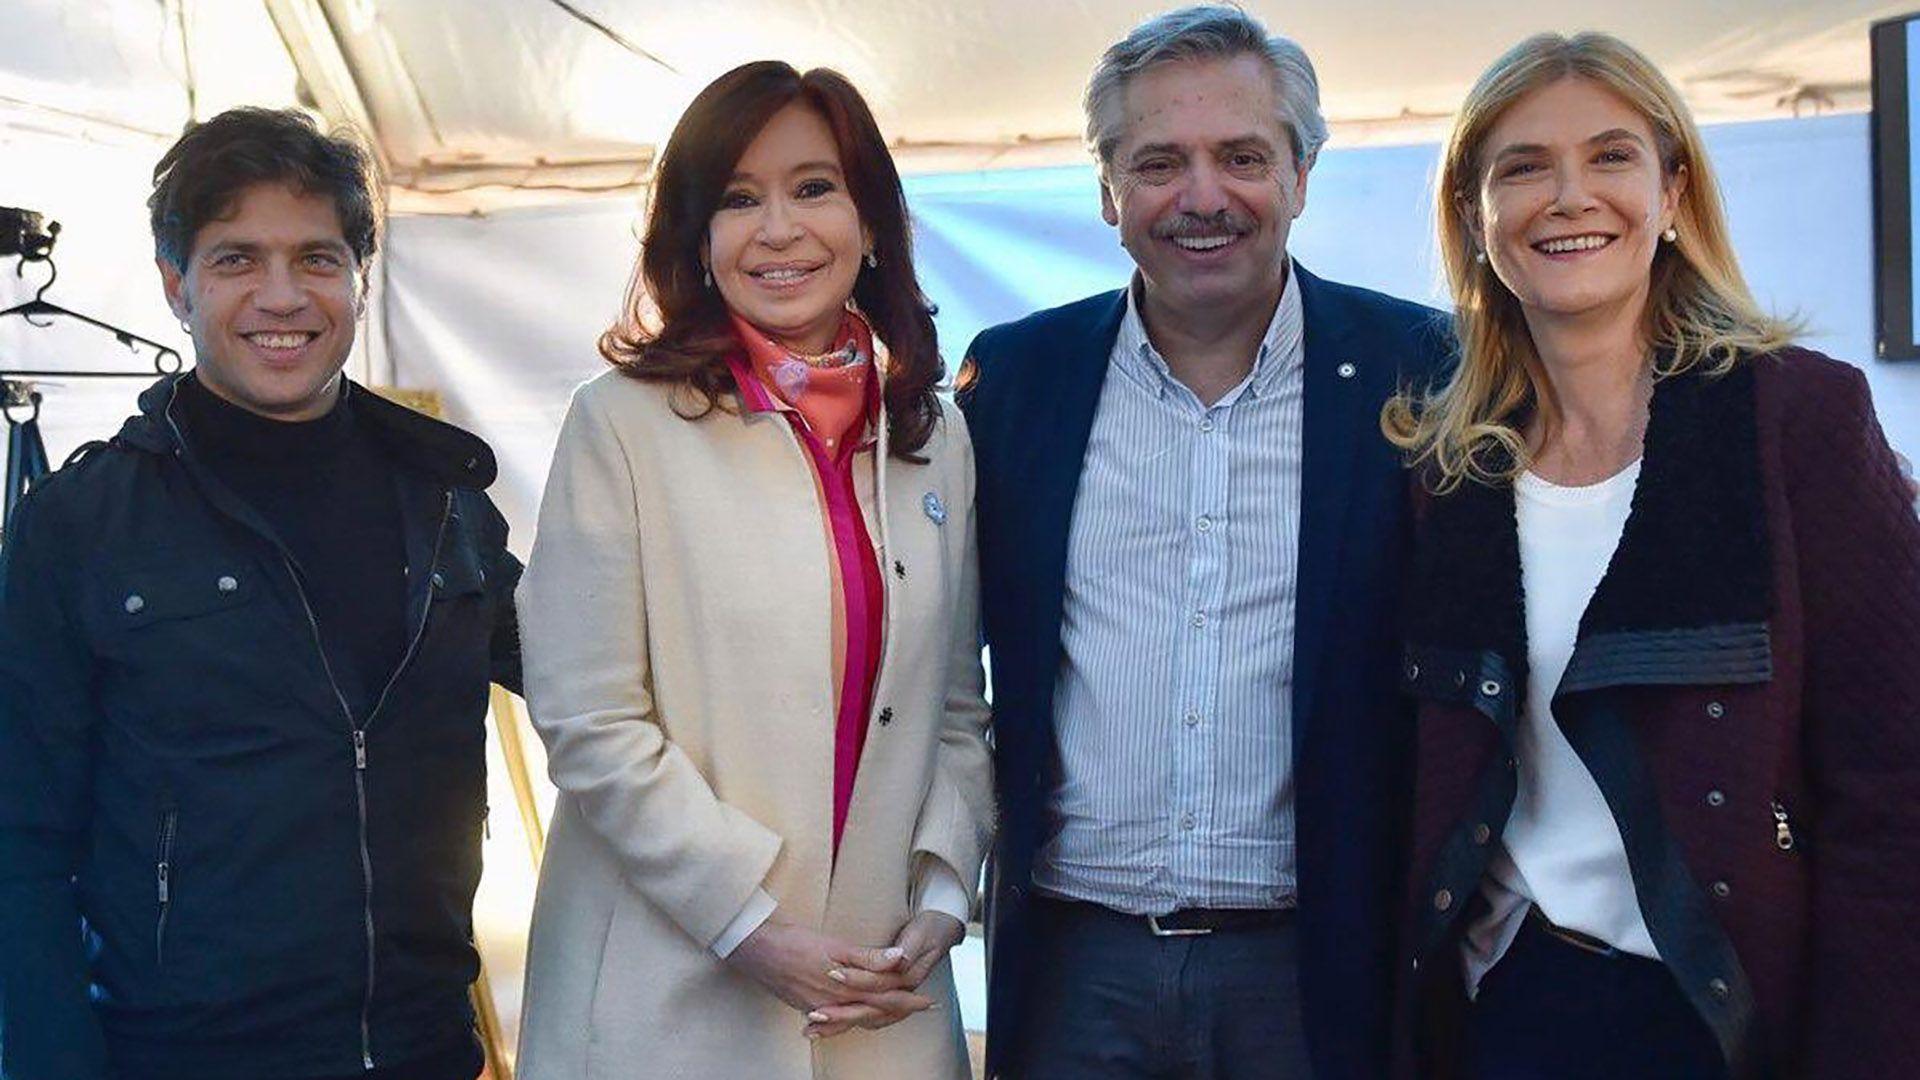 Axel Kicillof, Cristina Fernández, Alberto Fernández y Verónica Magario, las cuatro piezas clave del peronismo K